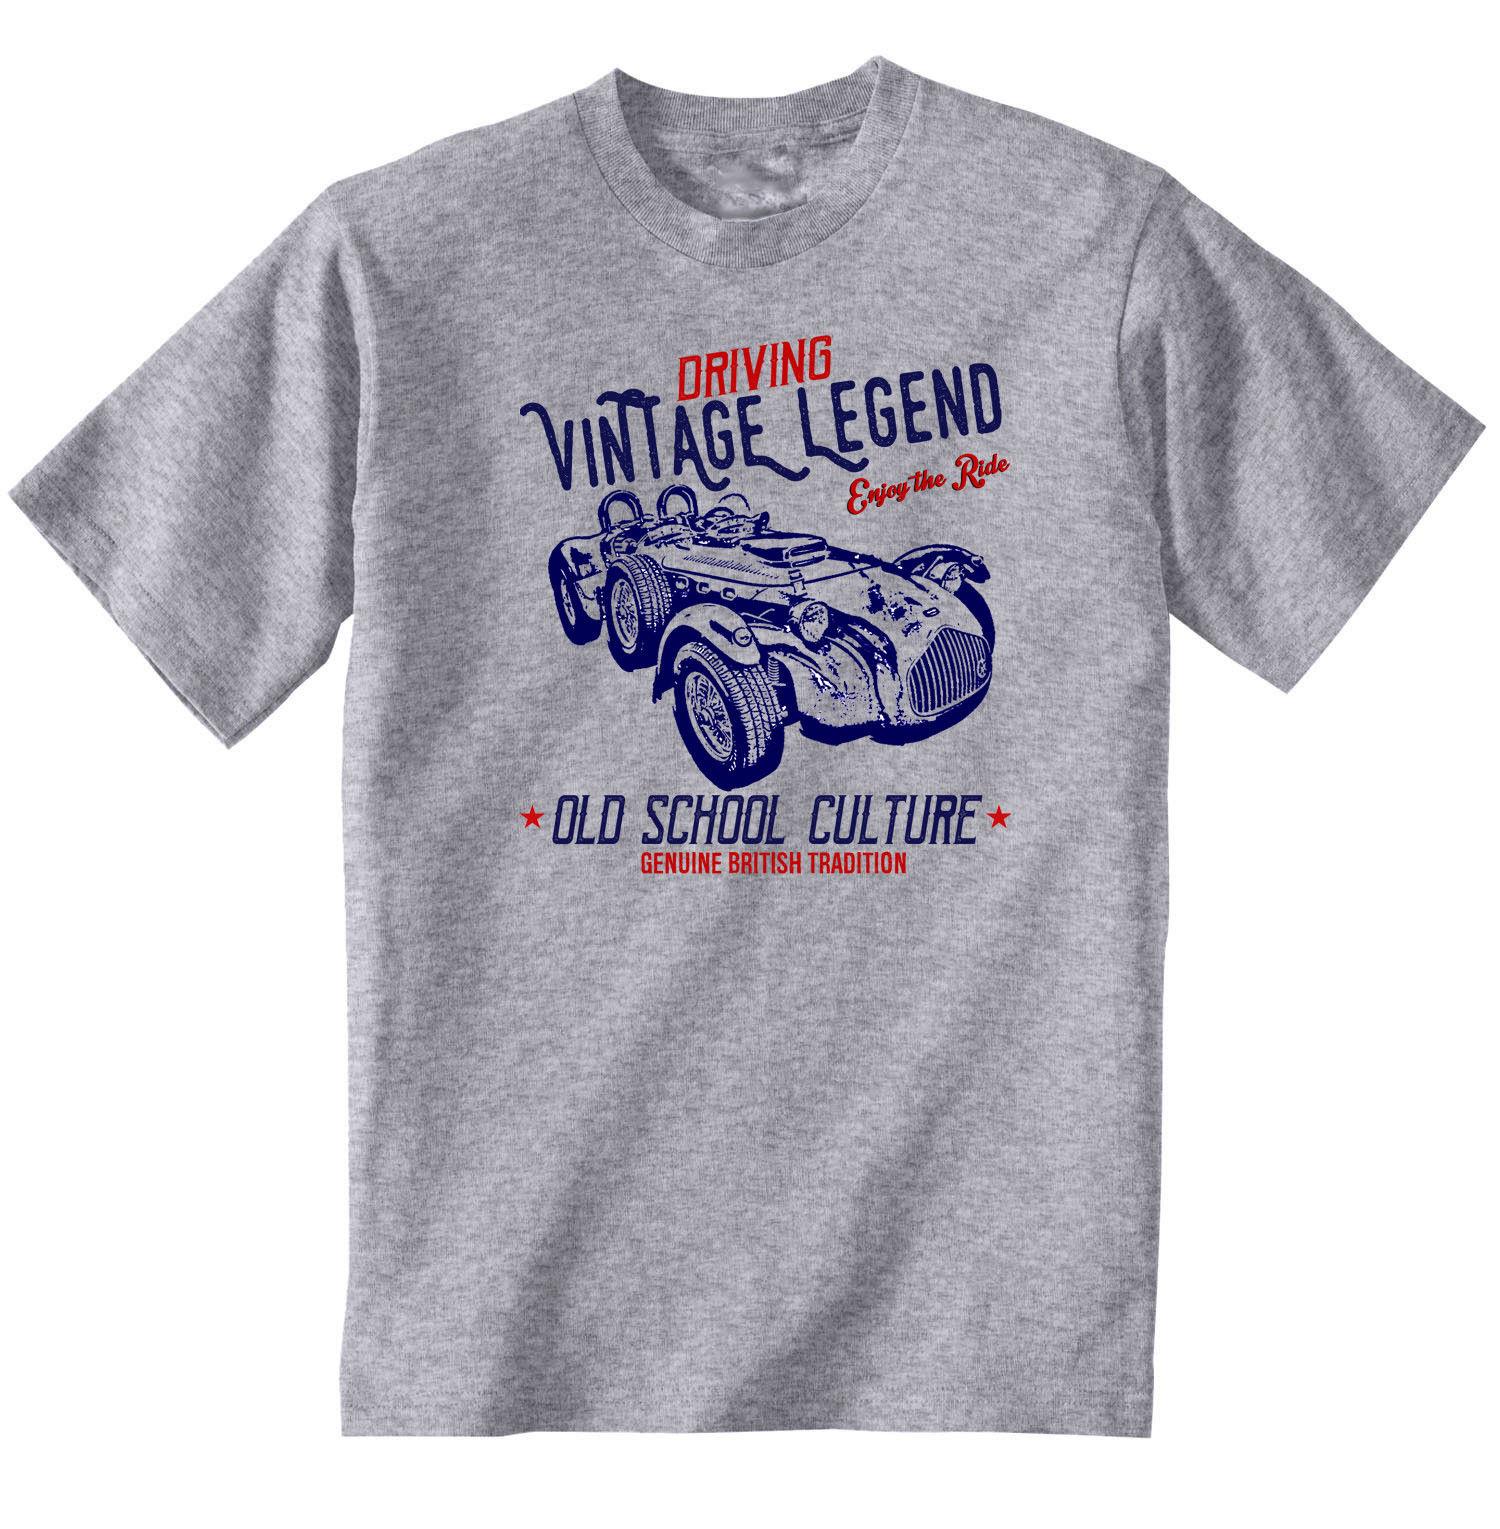 095f828c0f6 Винтажный британский автомобиль ALLARD J2X-новый хлопок футболки Аниме  футболки время приключений playeras de hombre